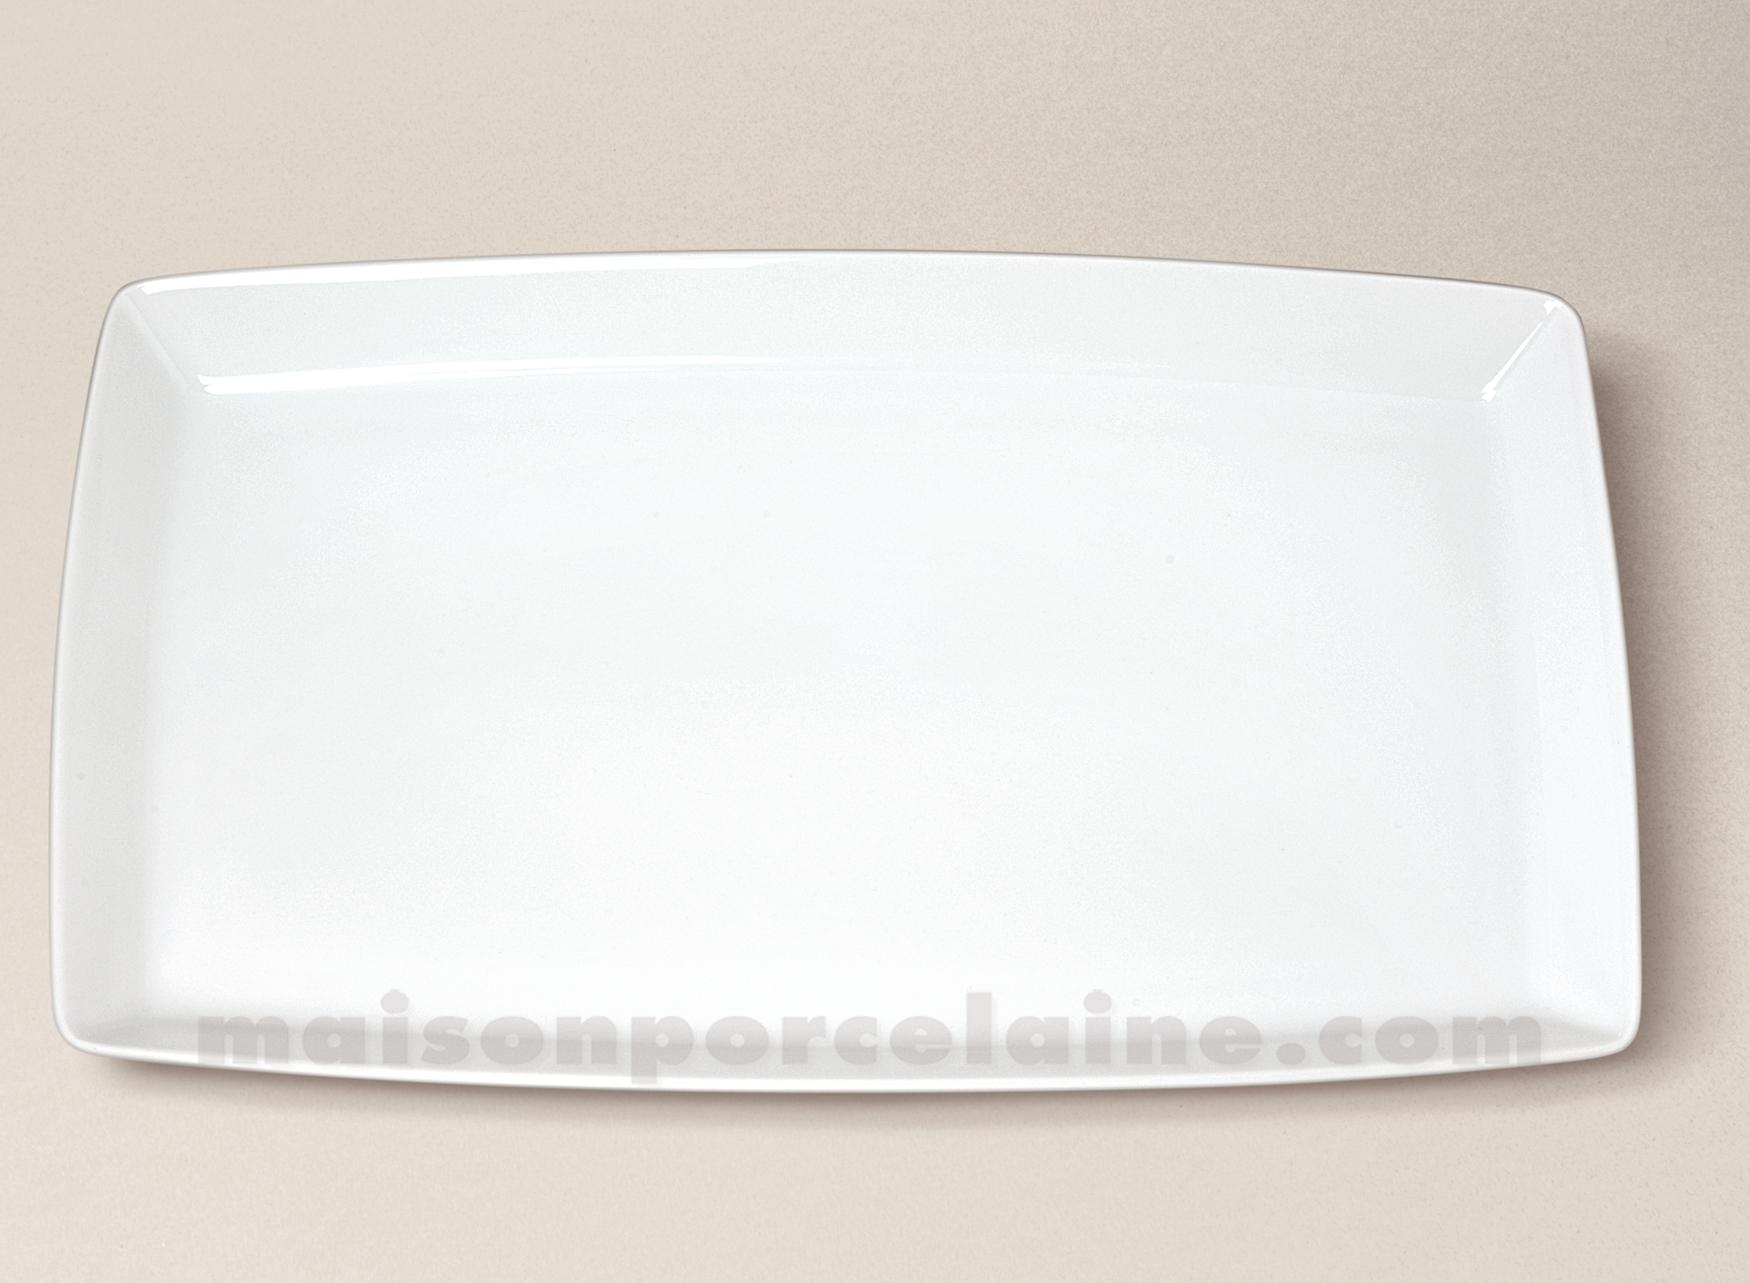 Plat ovale porcelaine blanche trendy 34x20 5 maison de la porcelaine - La porcelaine blanche ...